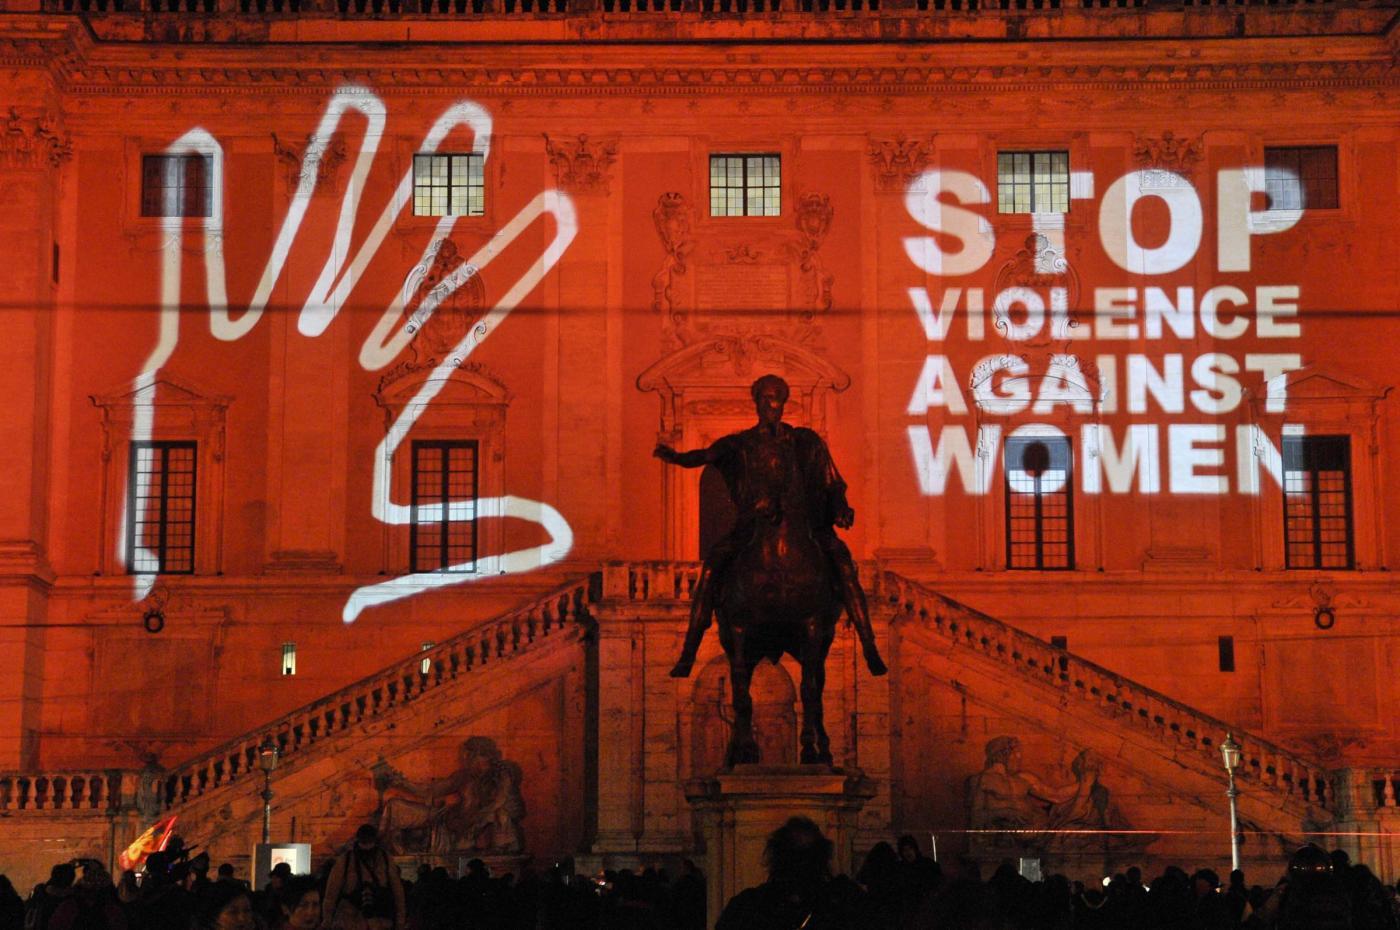 Femminicidio in Italia: dati, identikit degli aggressori e controversie